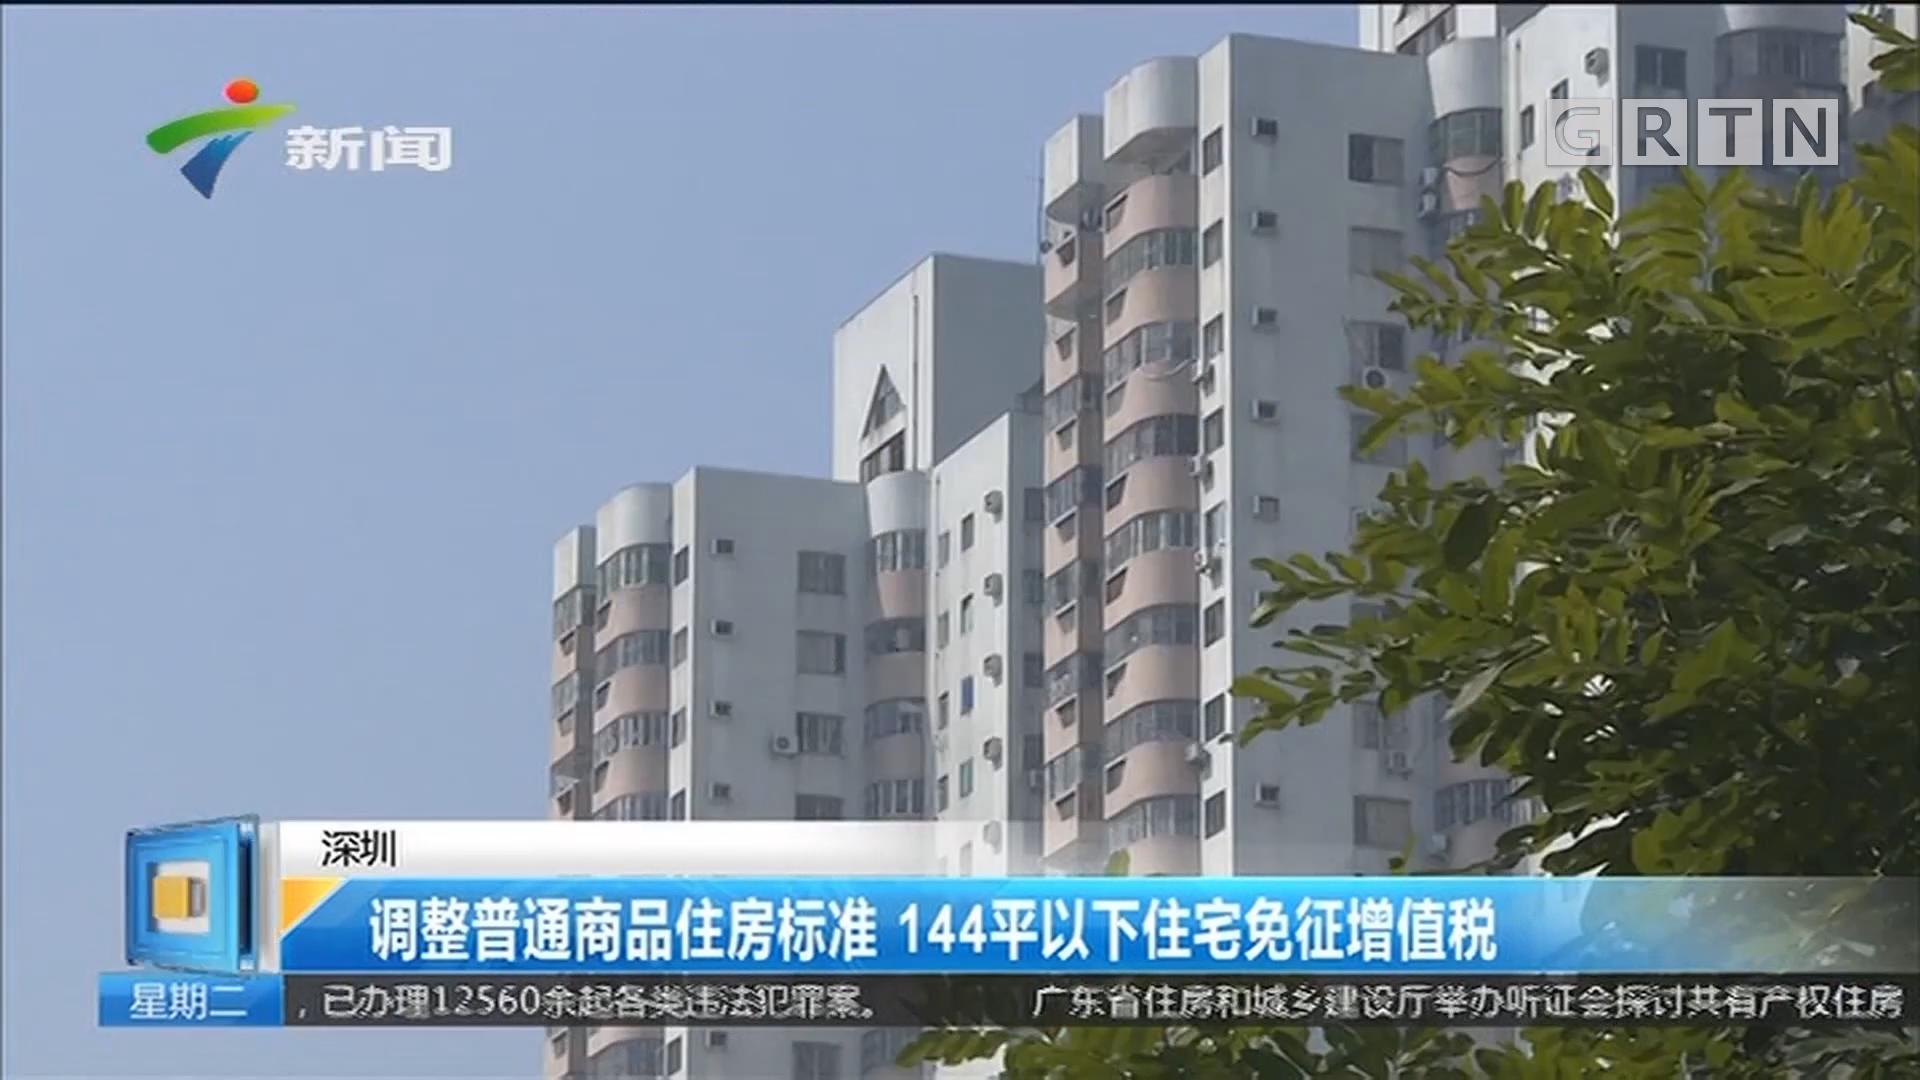 深圳:调整普通商品住房标准 144平以下住宅免征增值税